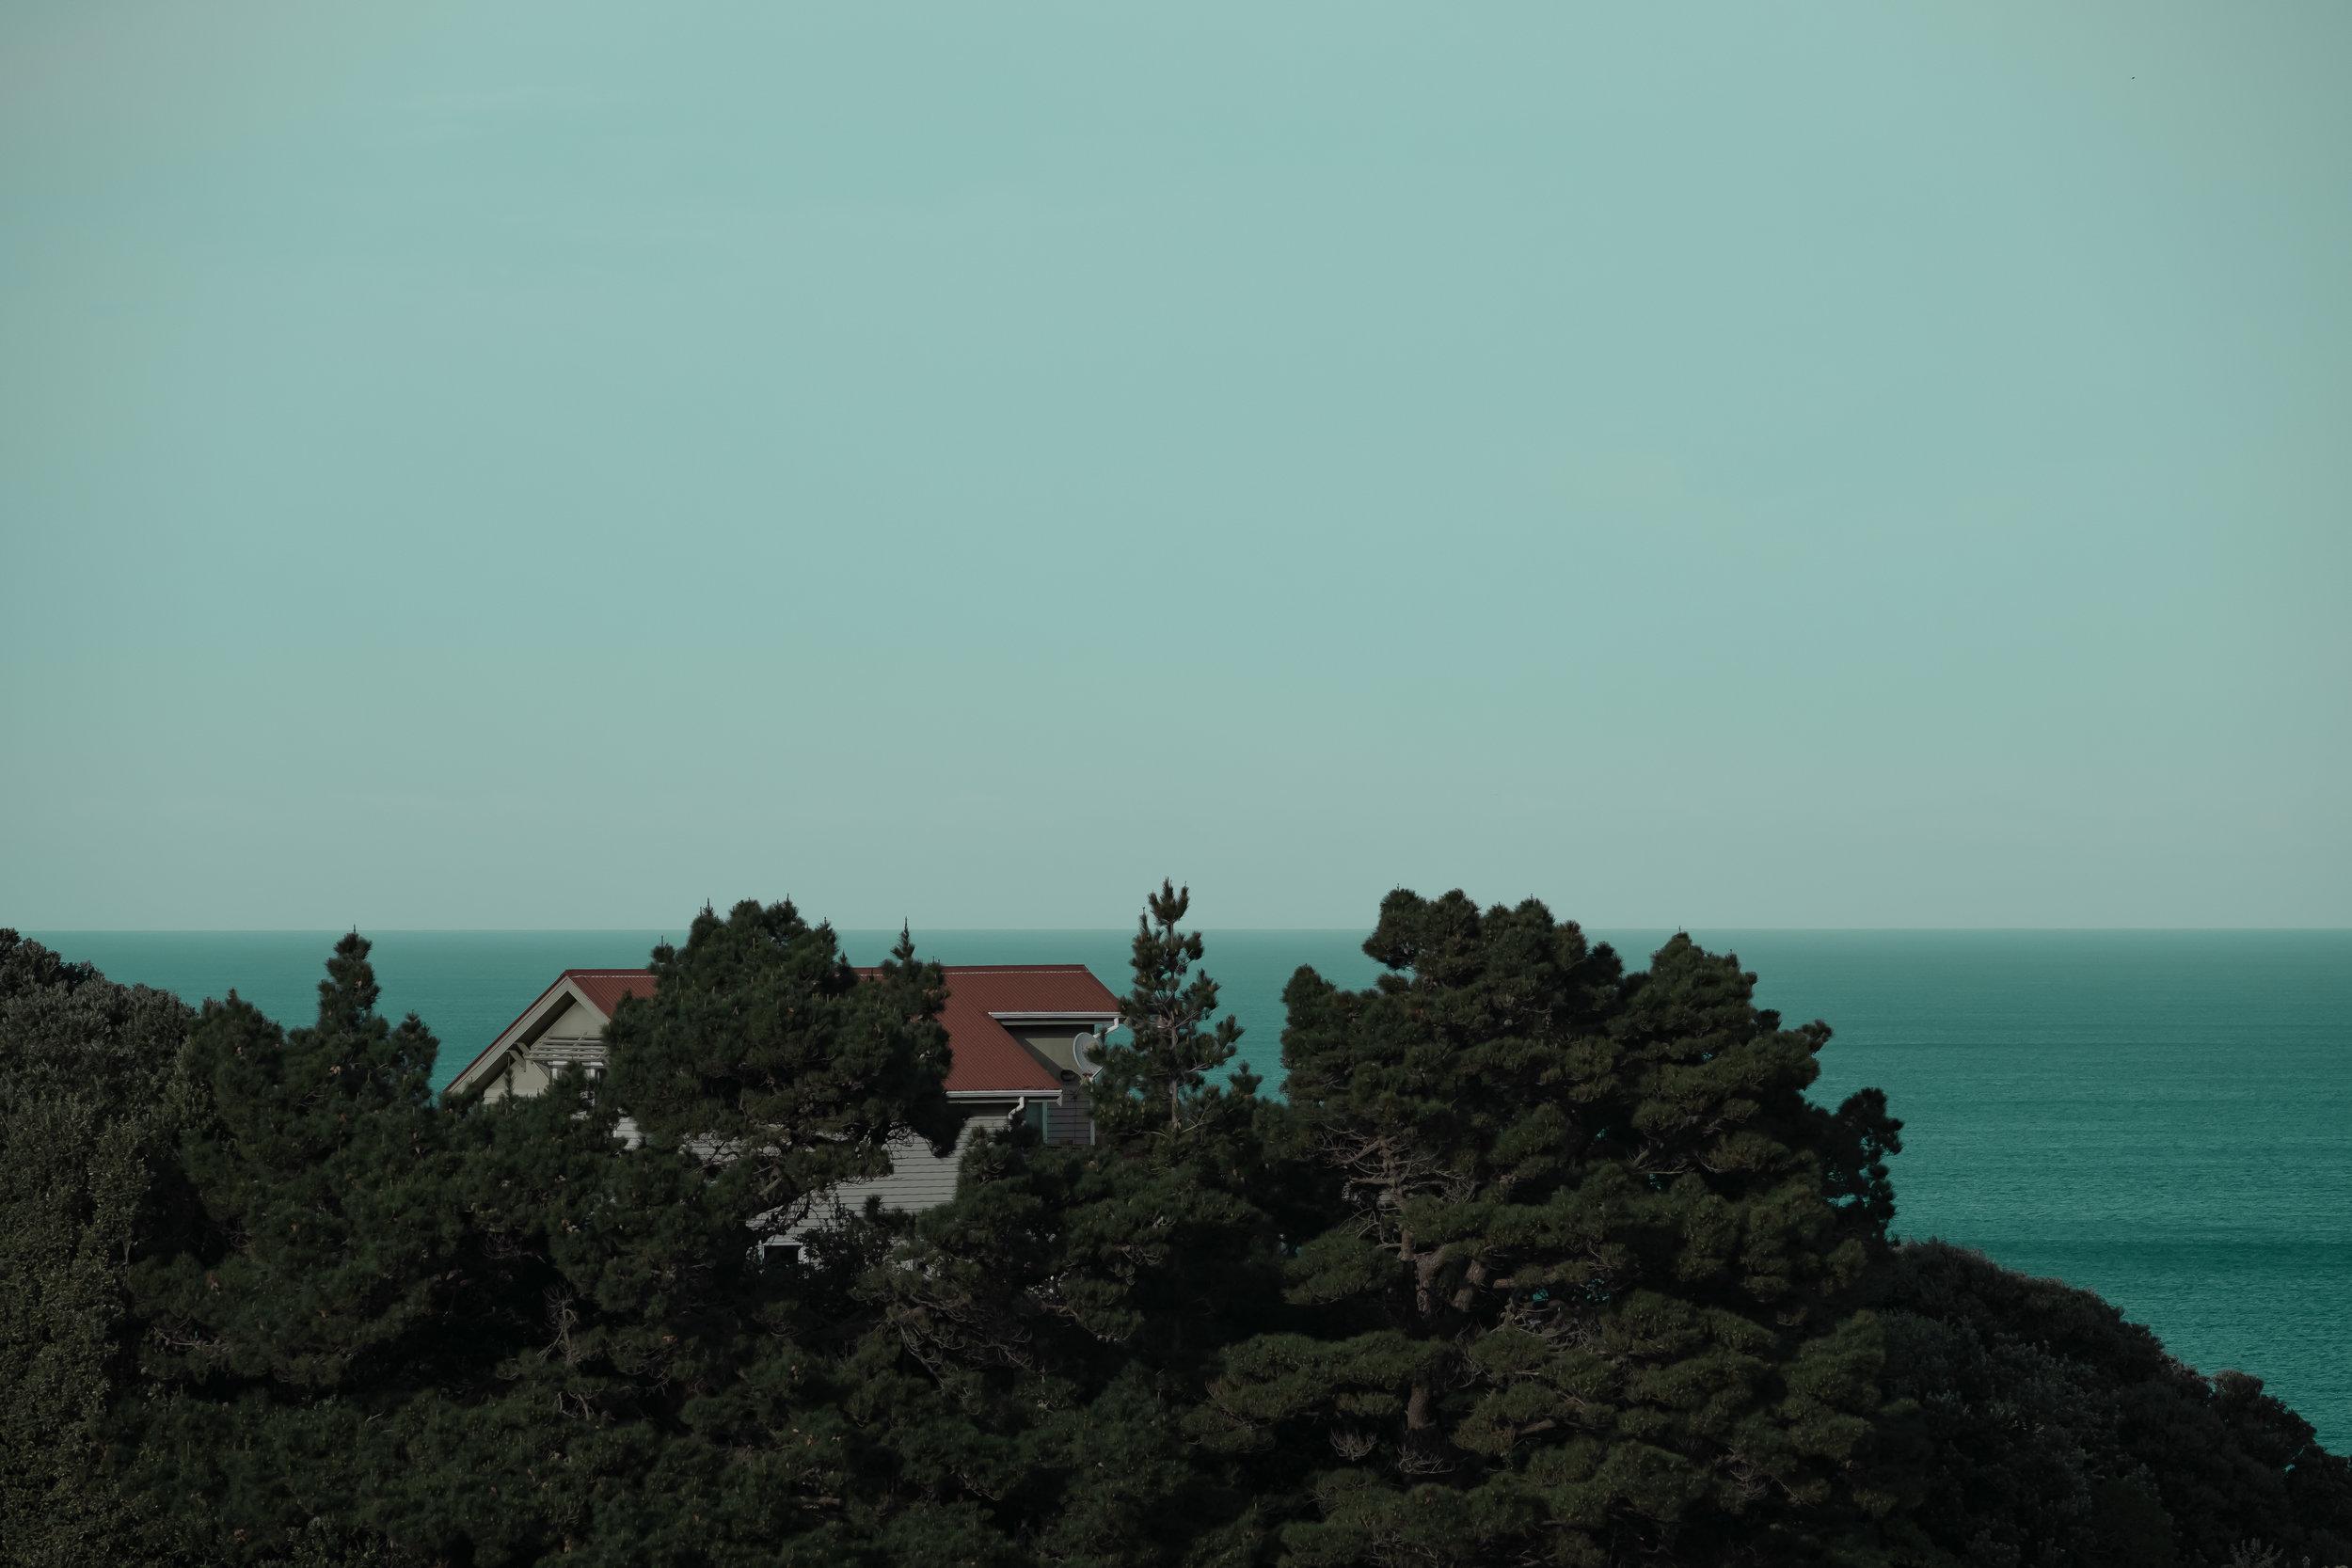 house in trees-4.jpg